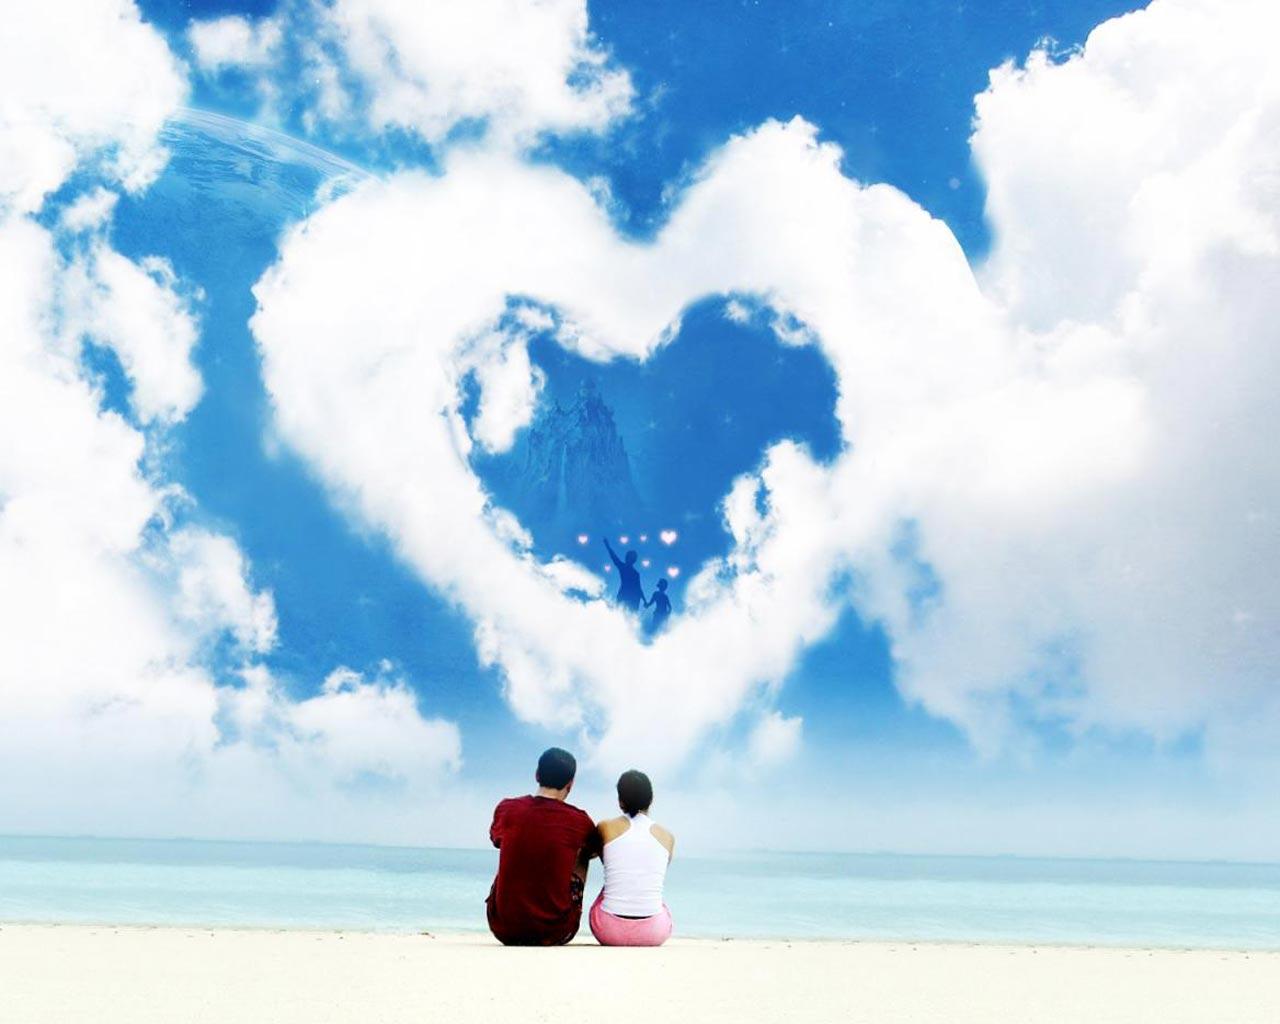 http://2.bp.blogspot.com/_BPrWP_UWG88/TOx-jDm78DI/AAAAAAAAALg/Gwaz2HpbgPs/s1600/wallpapers-amor-romanticos-1280.jpg